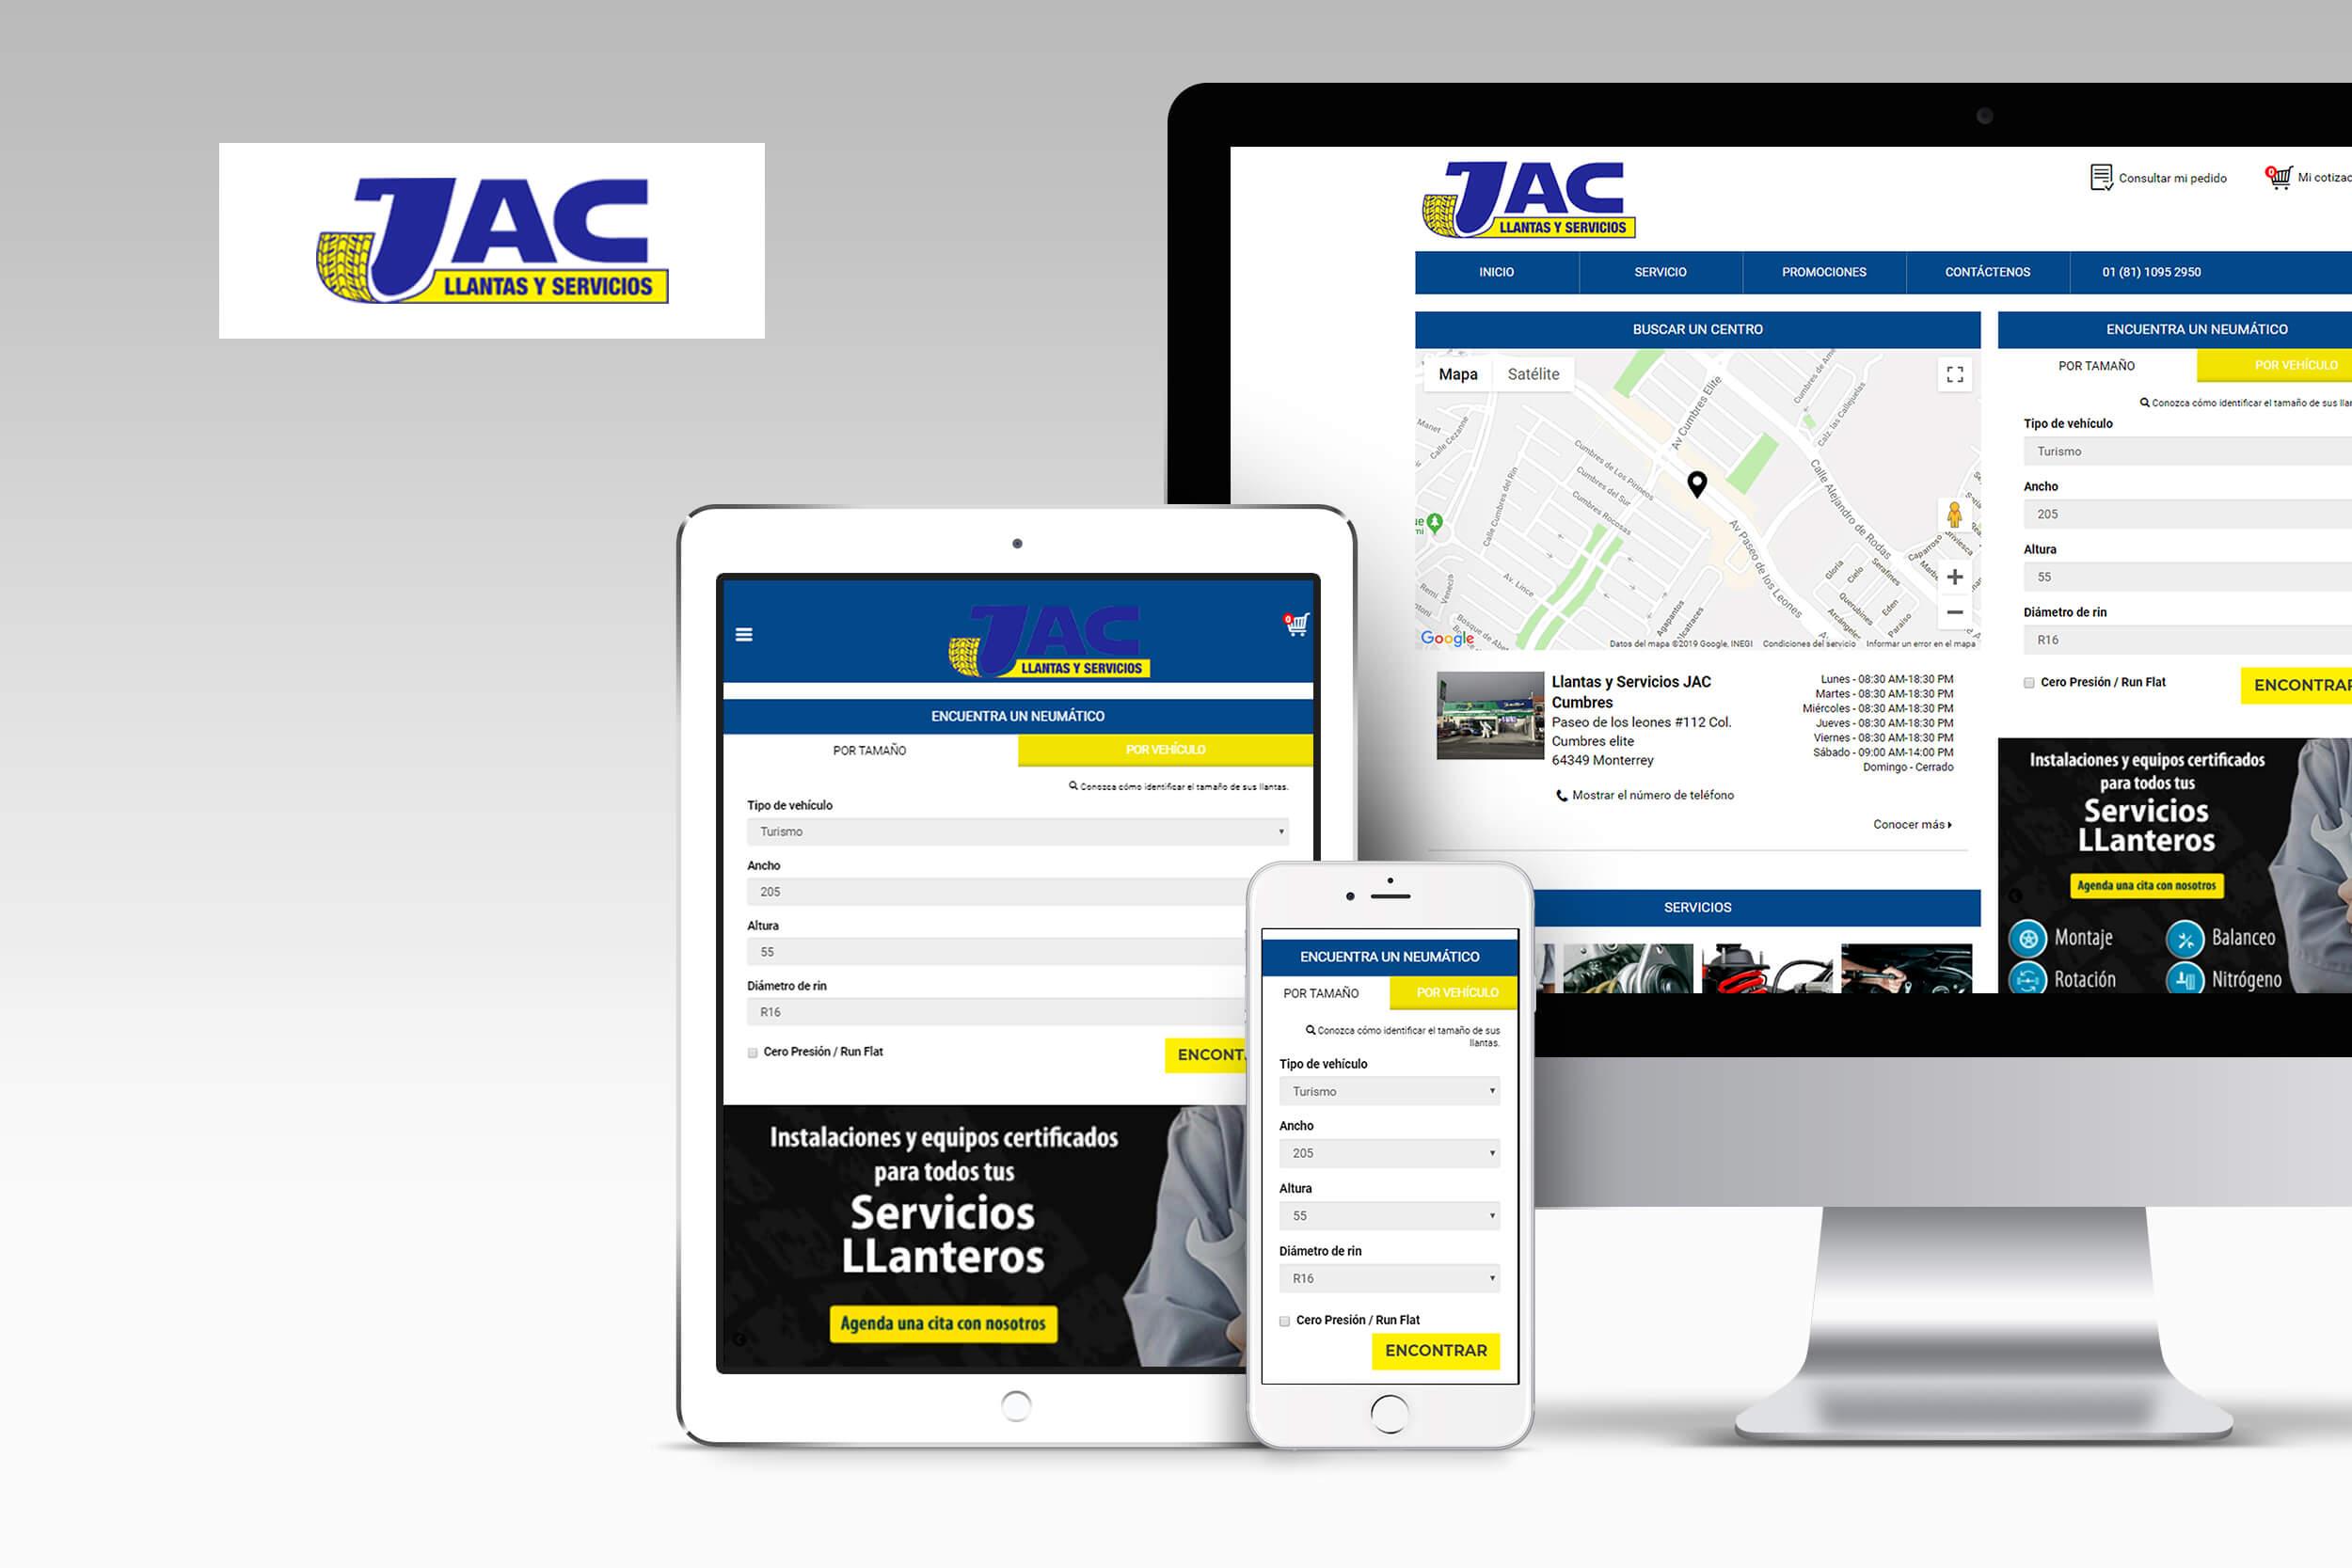 Home page du site Llantas y servicios